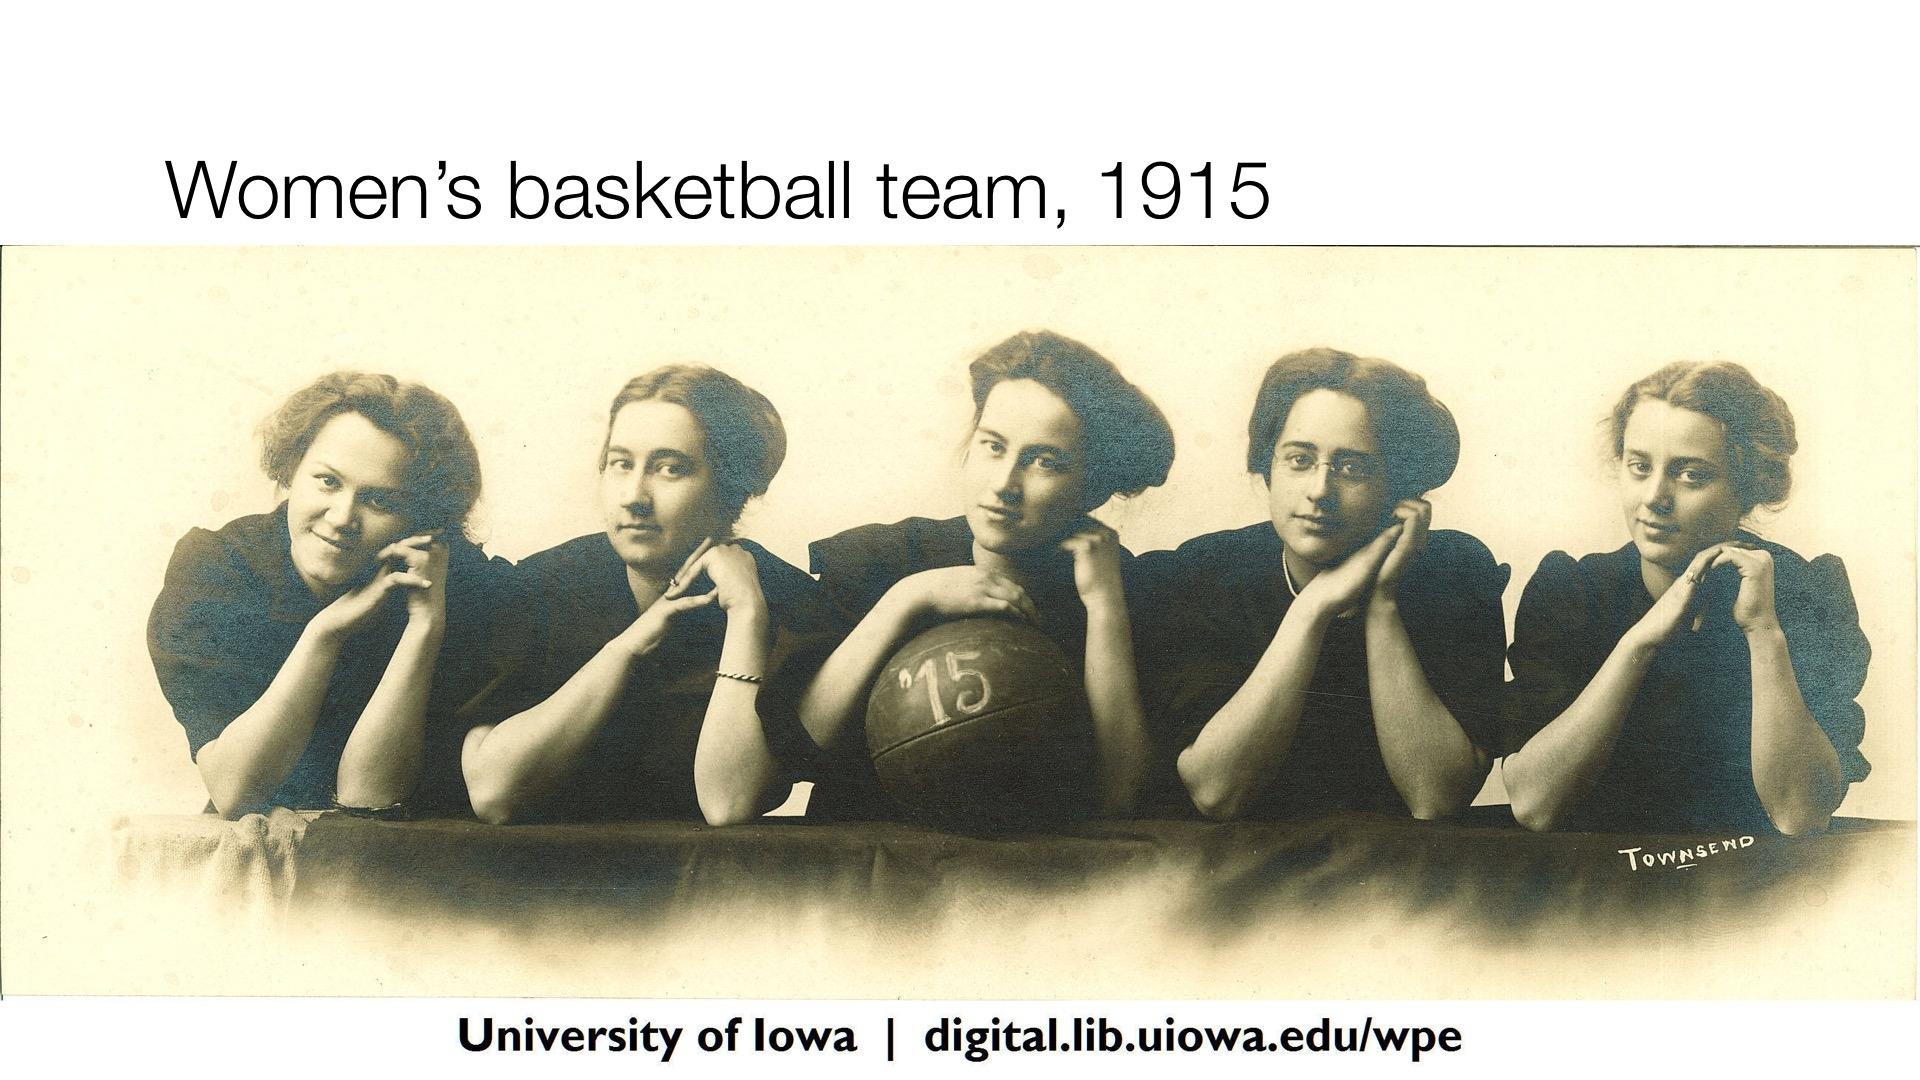 Women's basketball team, 1915